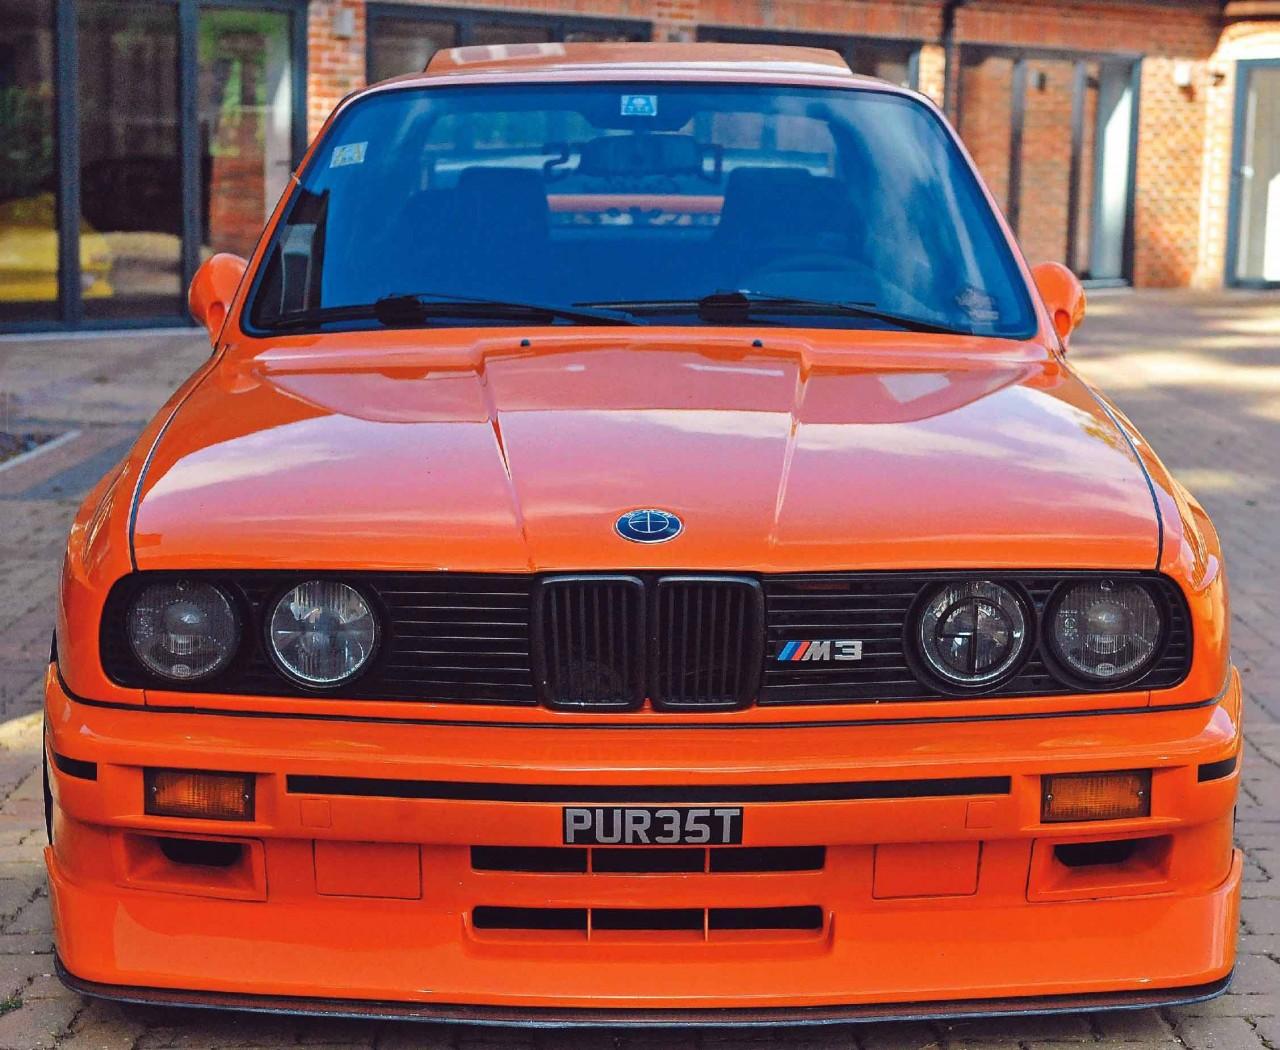 Nick Sahota's Orange BMW M3 E30